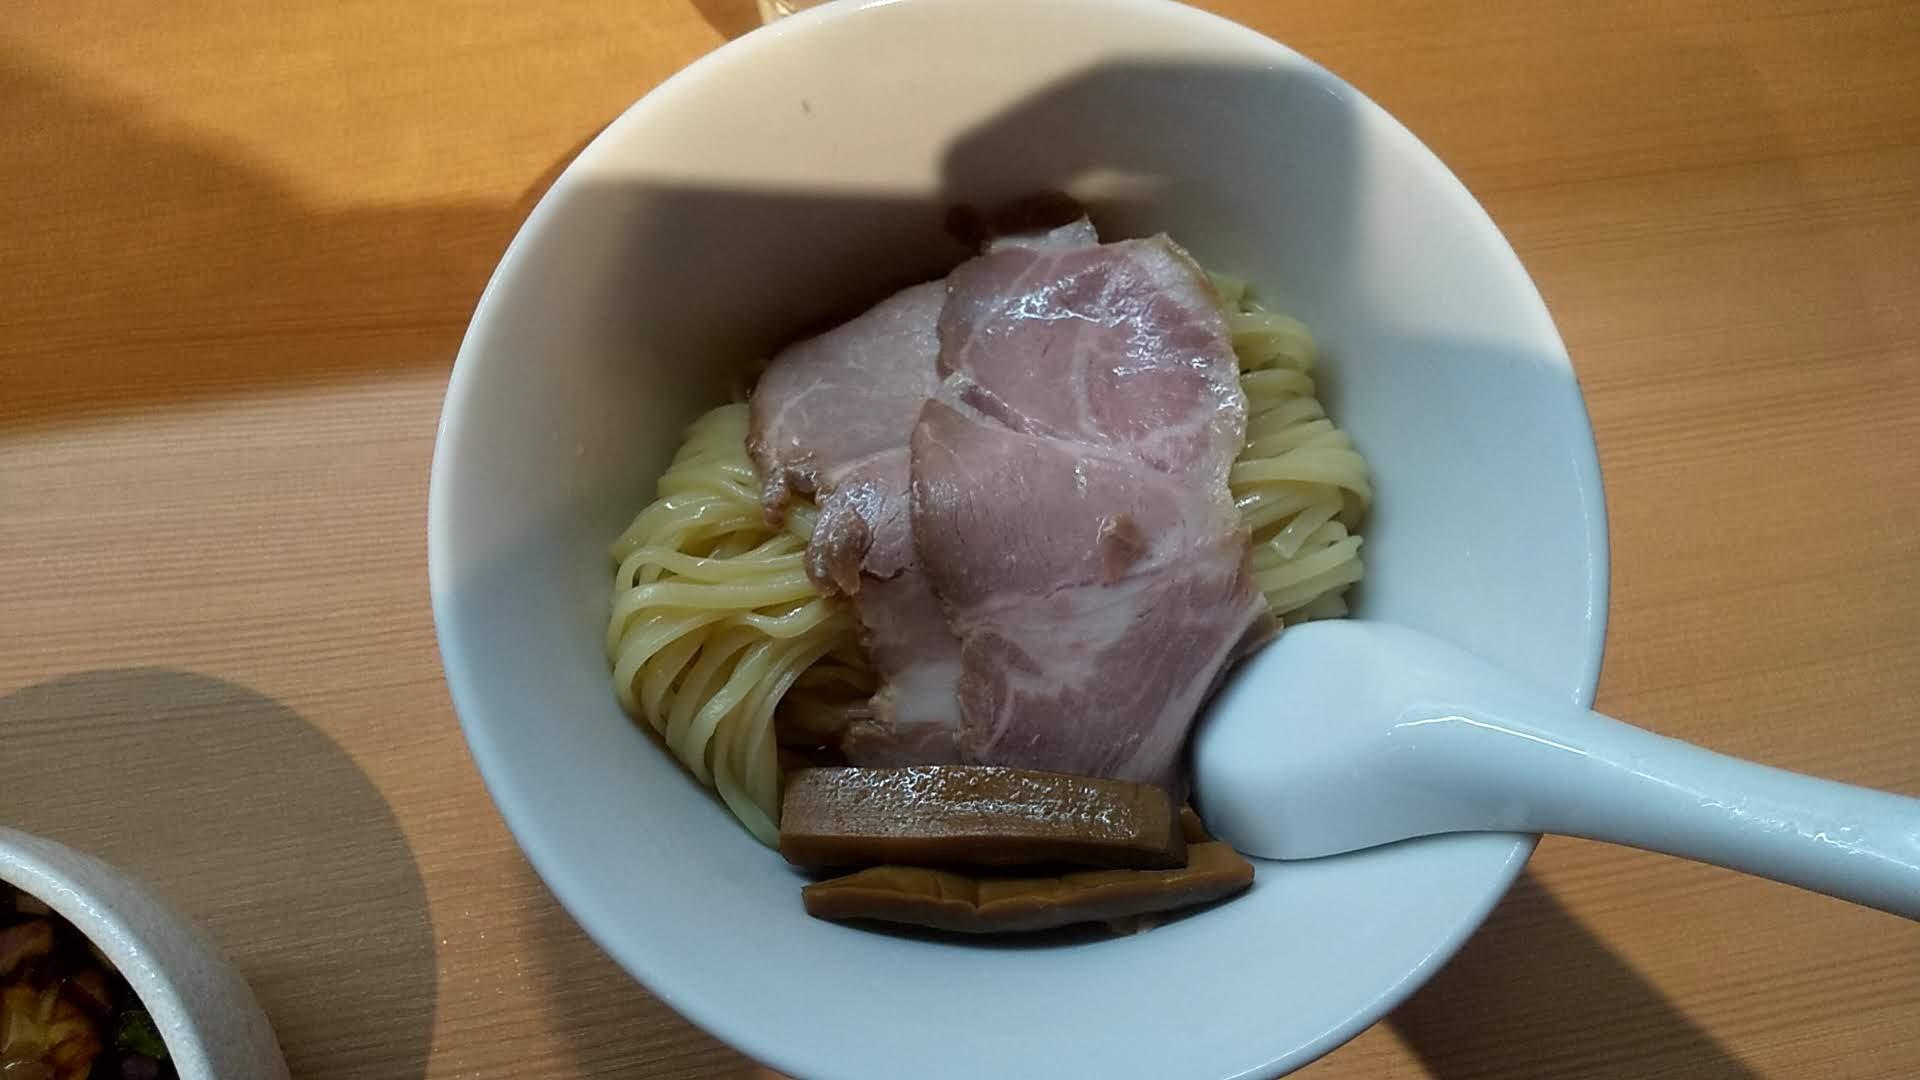 らぁ麺田じまの特製つけ麺の麺皿の写真